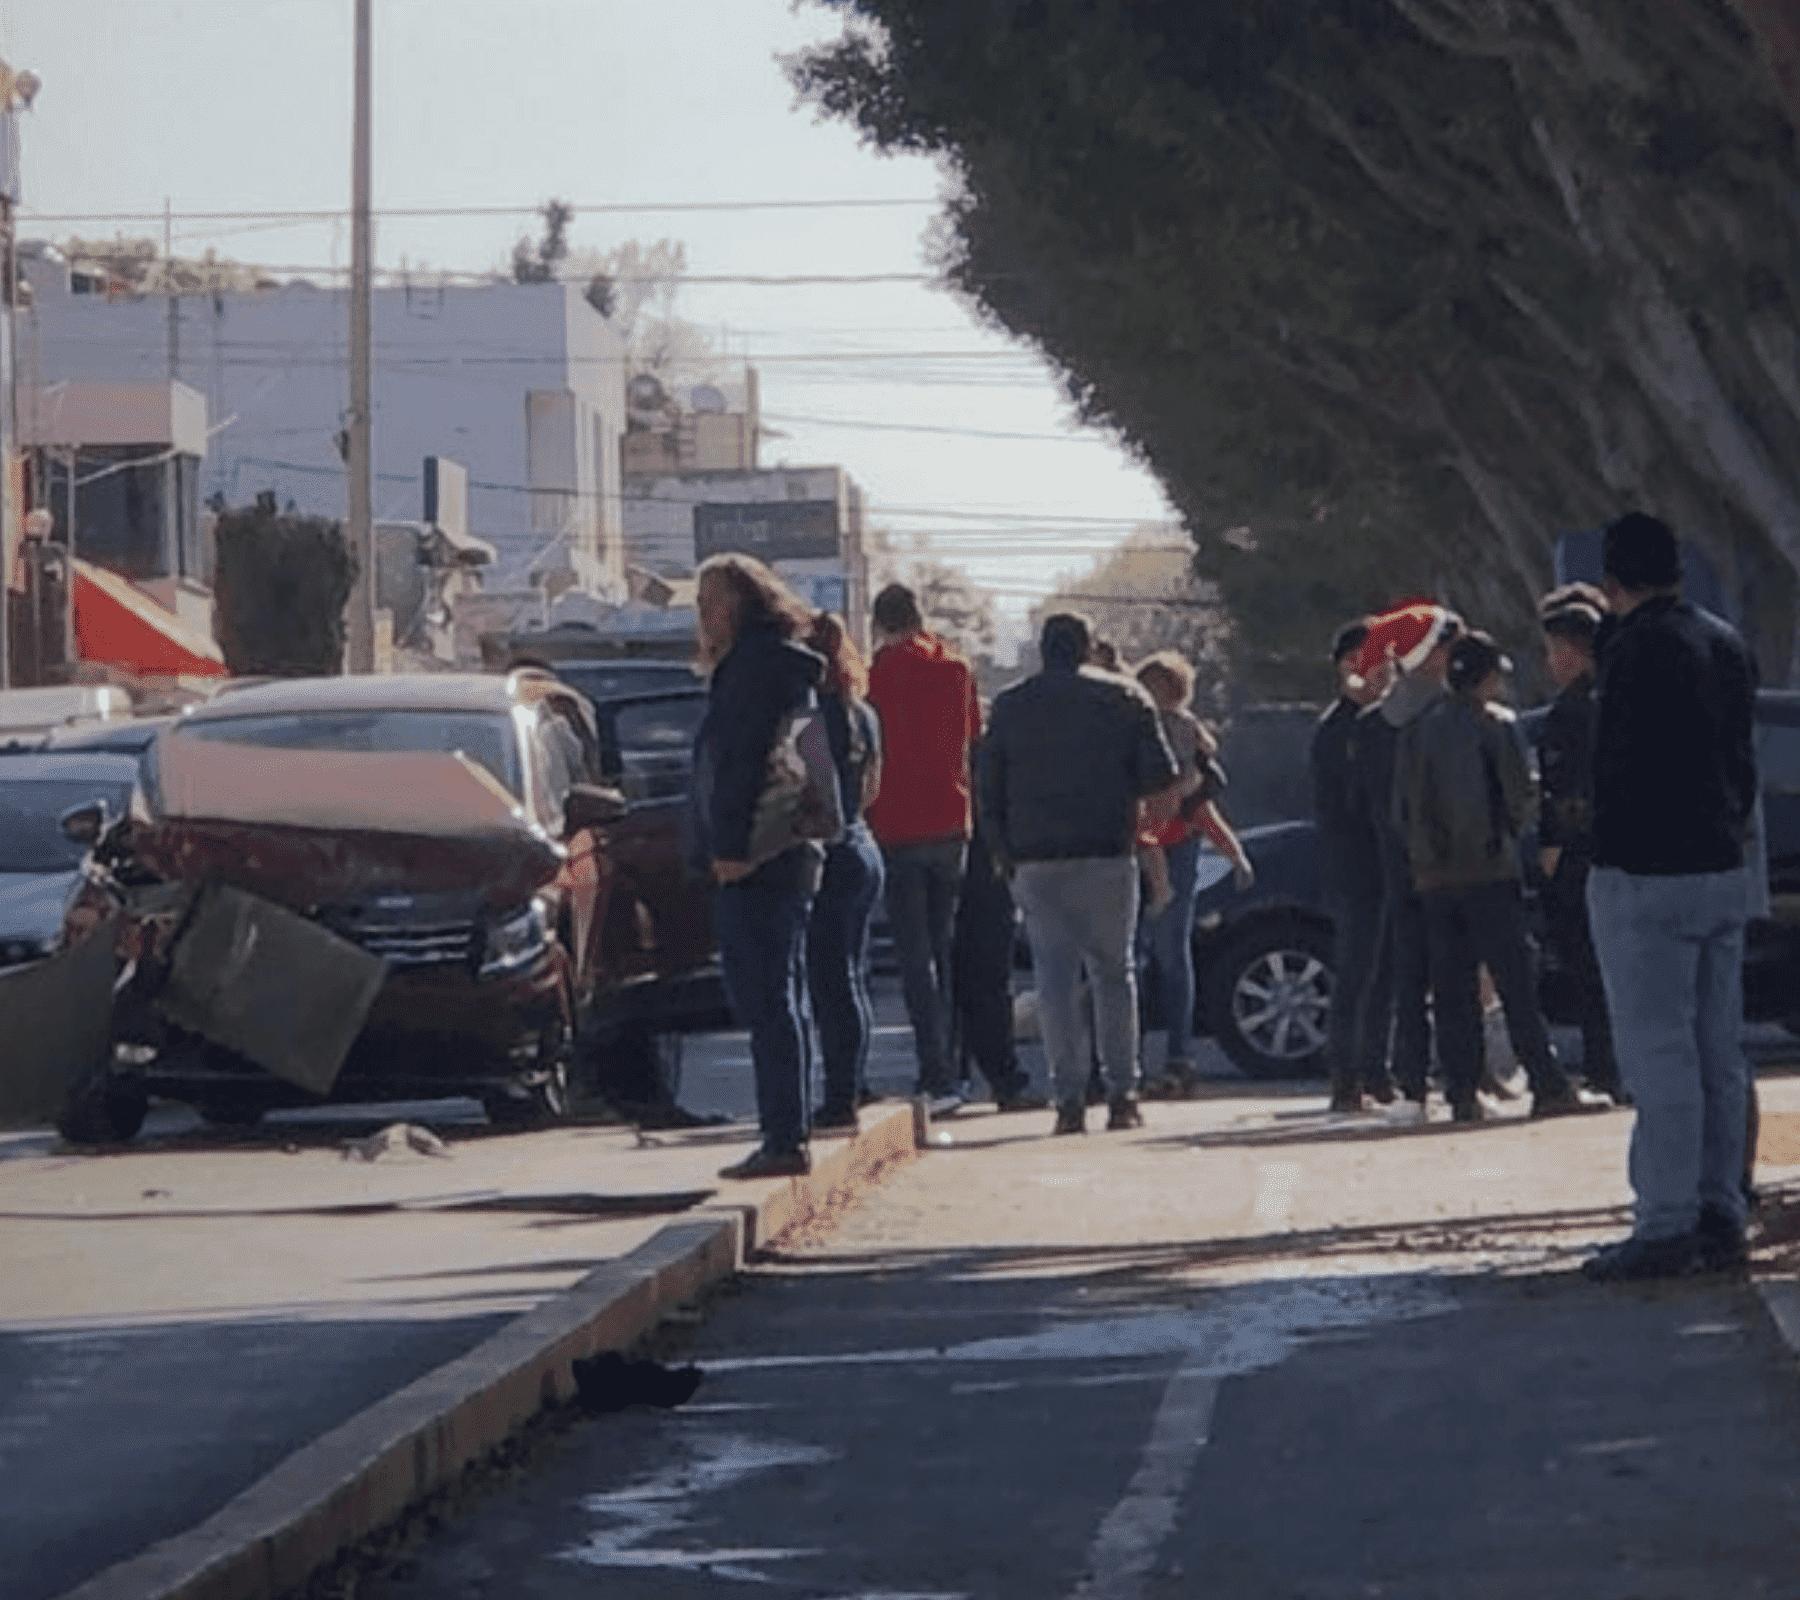 Choque de automóviles en la ciudad de Puebla. Fotografía.